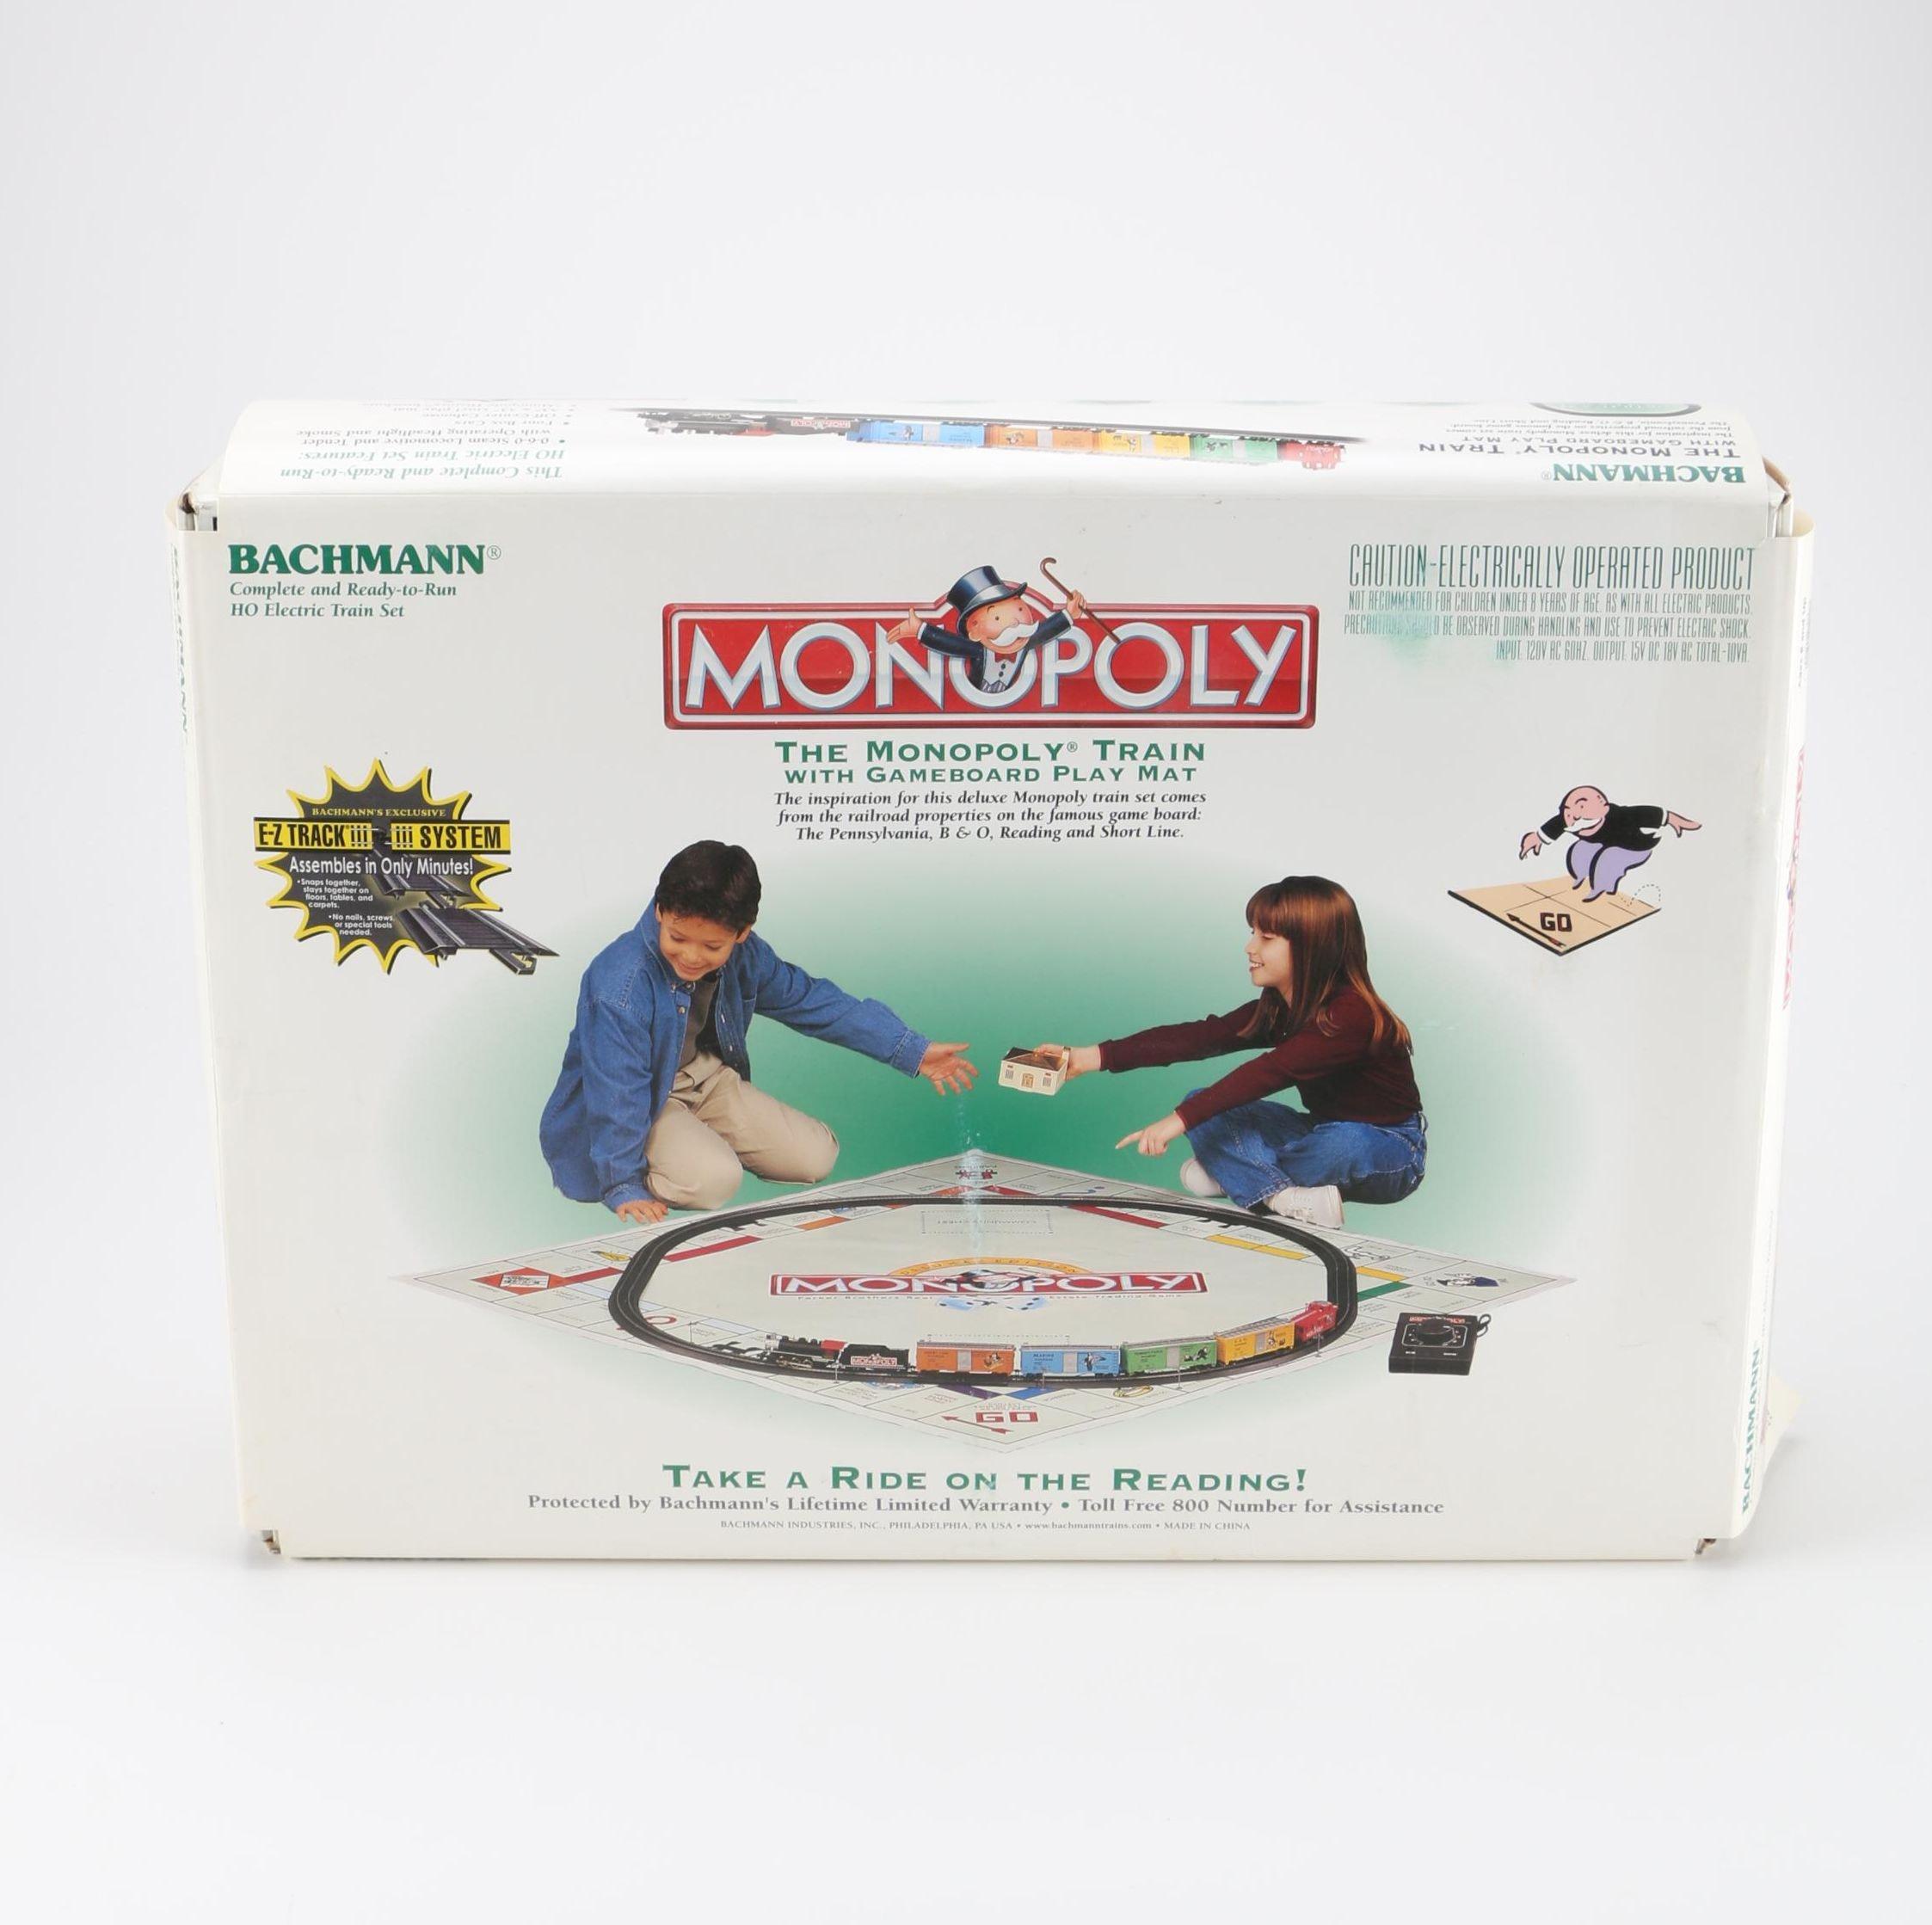 HO Scale Bachmann Monopoly Train Set